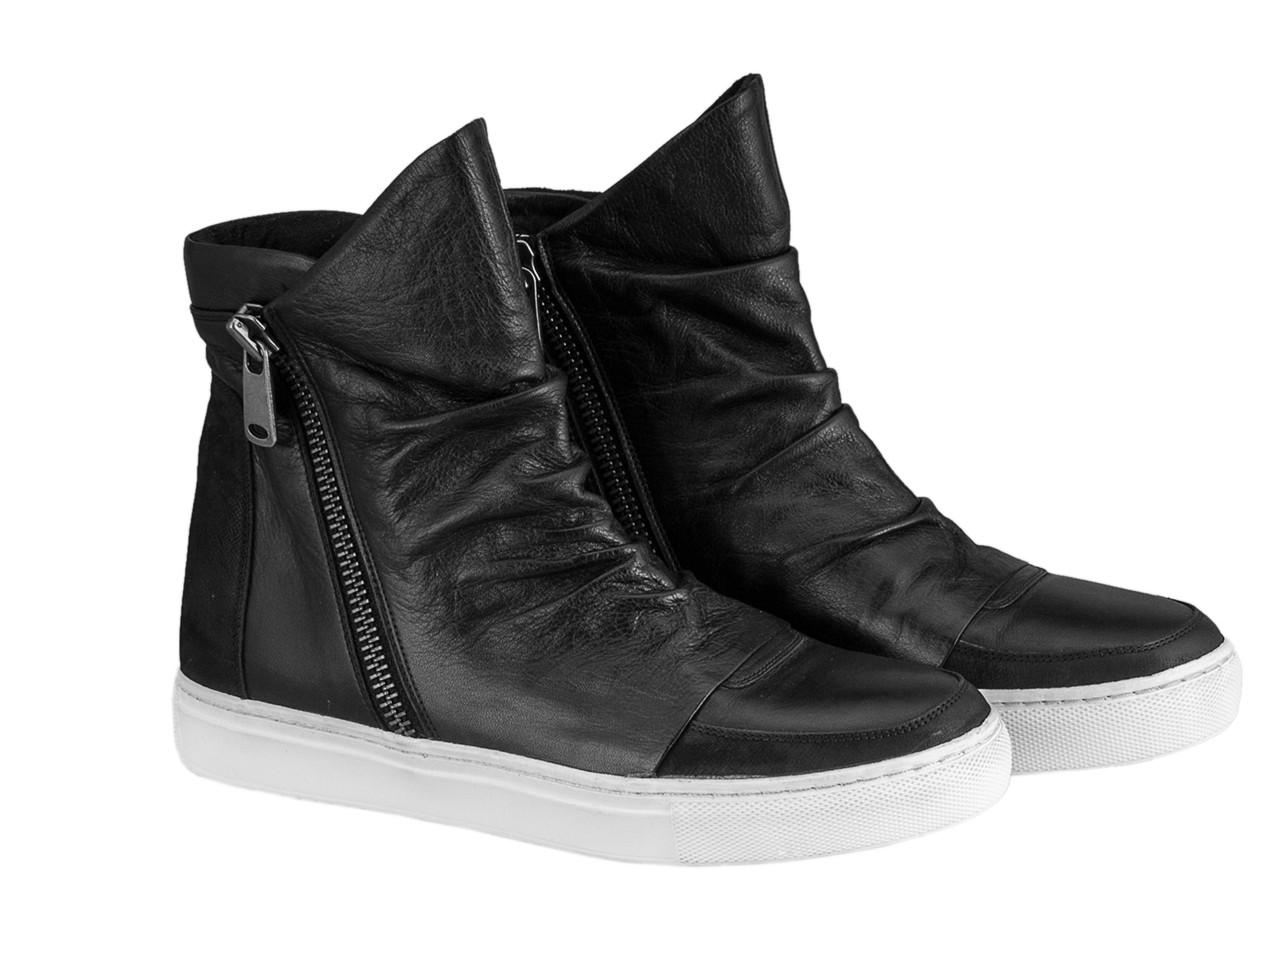 Ботинки Etor 8691-7162 черные